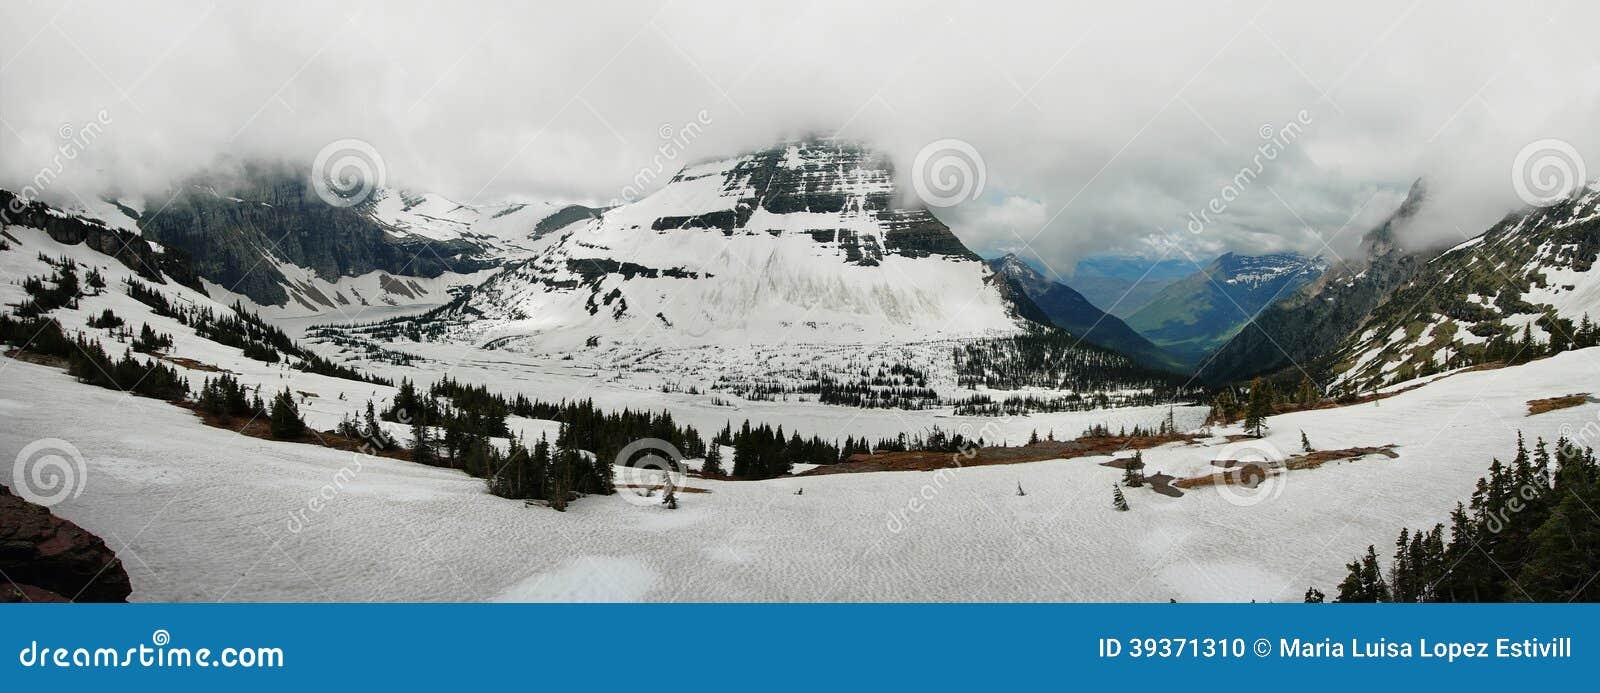 Πανοραμική άποψη στην παγωμένη κρυμμένη λίμνη